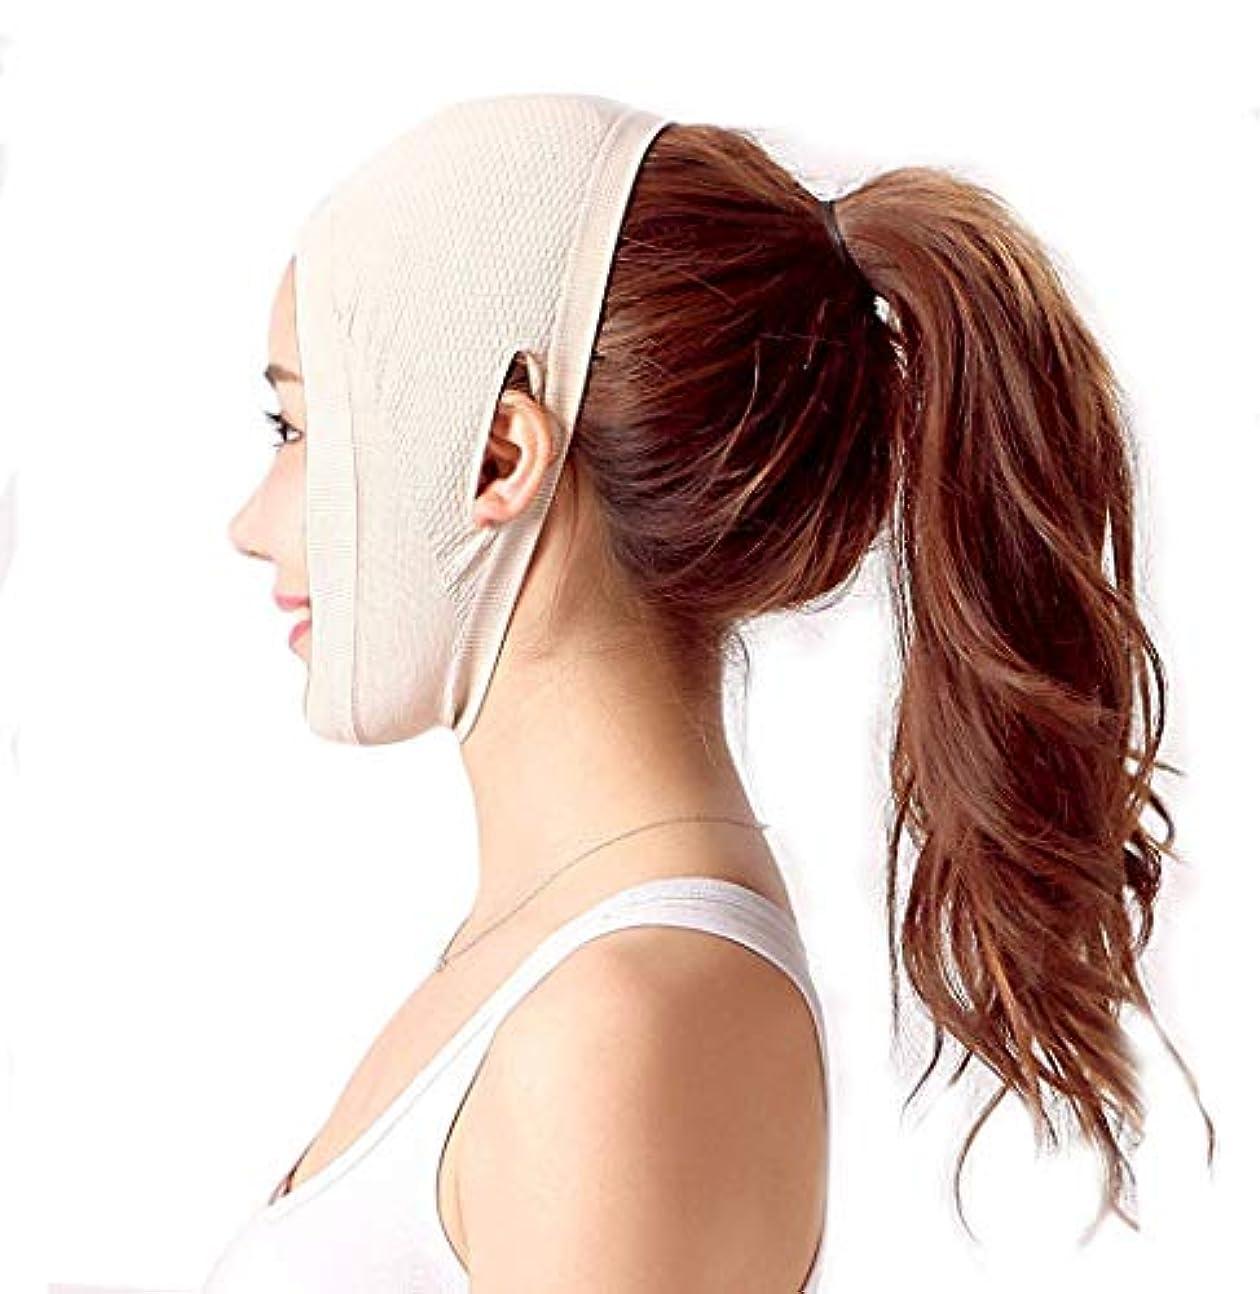 保全購入急ぐHUYYA Vライン頬、女性の顔を持ち上げるベルト 二重あごの減量顔 しわ防止包帯,Flesh_X-Large